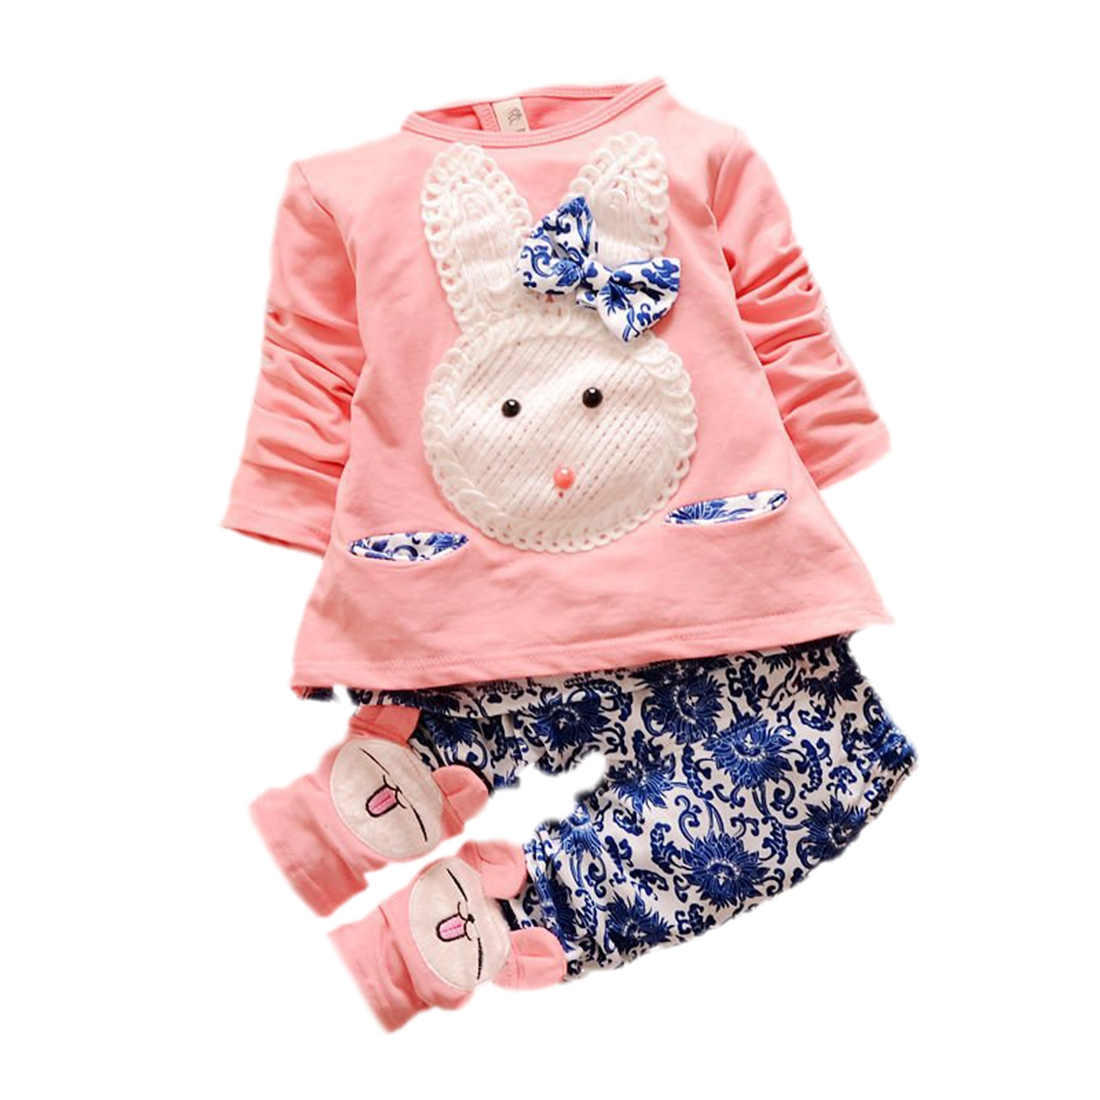 baby kinder oberteile hosen set maedchen kaninchen rosa. Black Bedroom Furniture Sets. Home Design Ideas